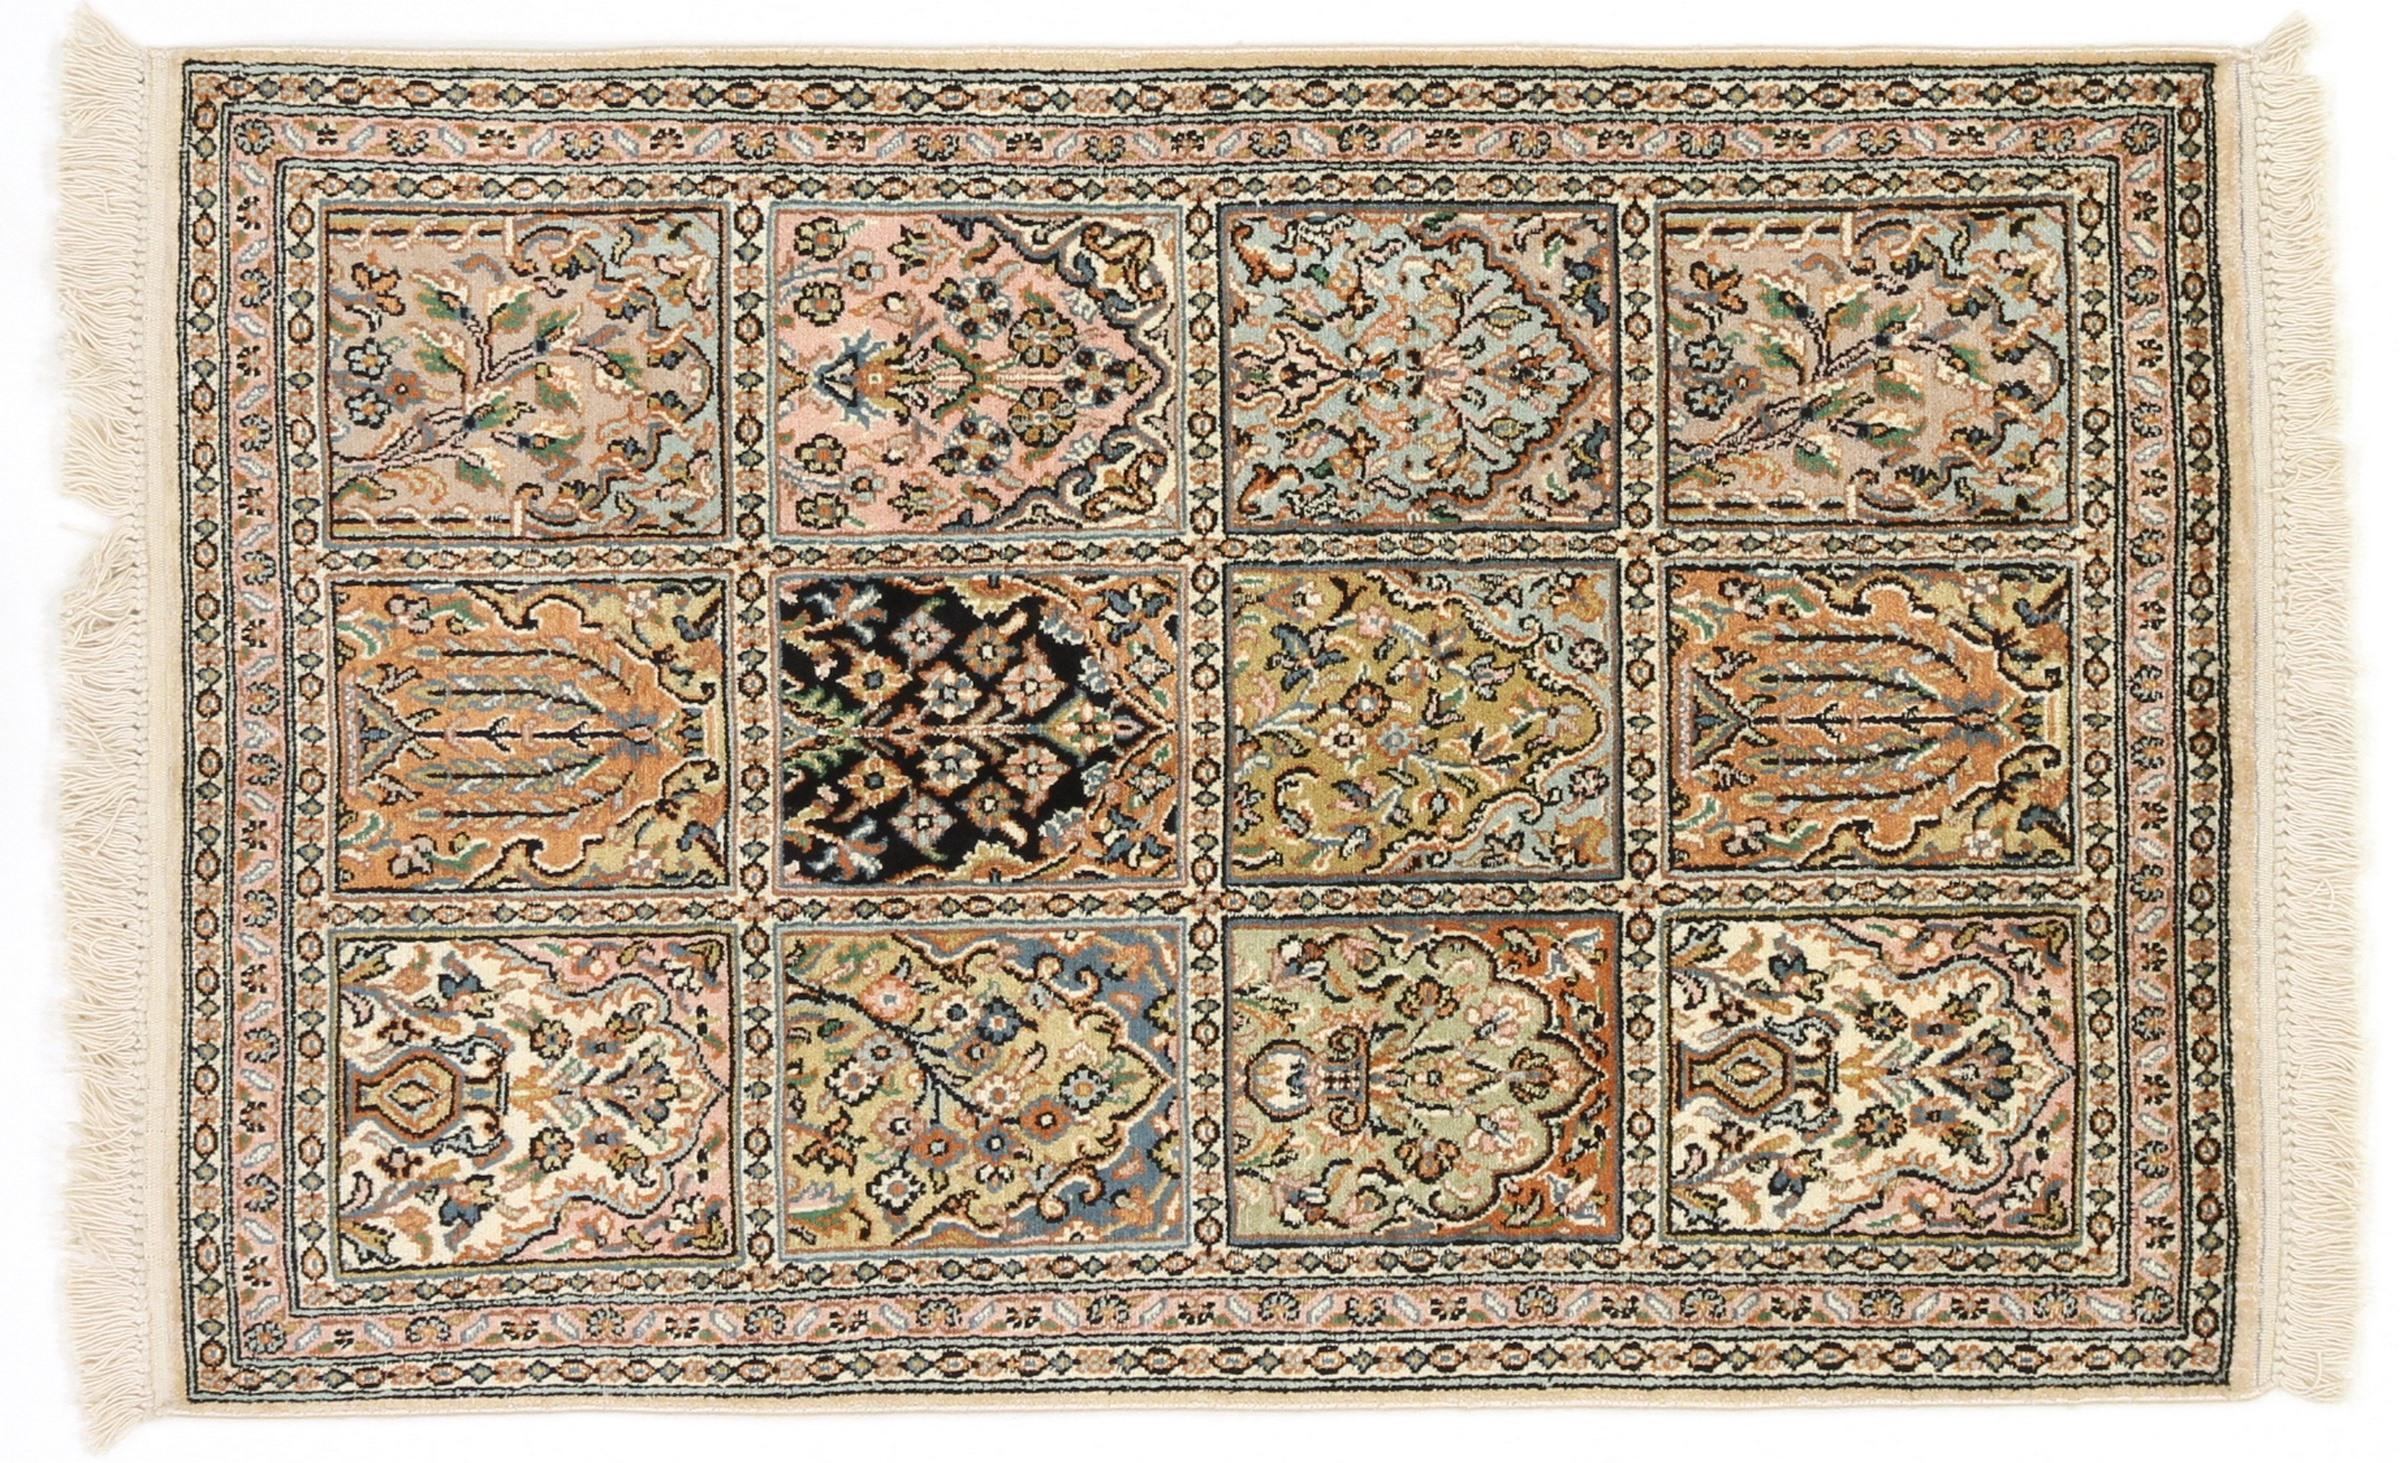 kaschmir reine seide indischer teppich 96x63 id20065. Black Bedroom Furniture Sets. Home Design Ideas